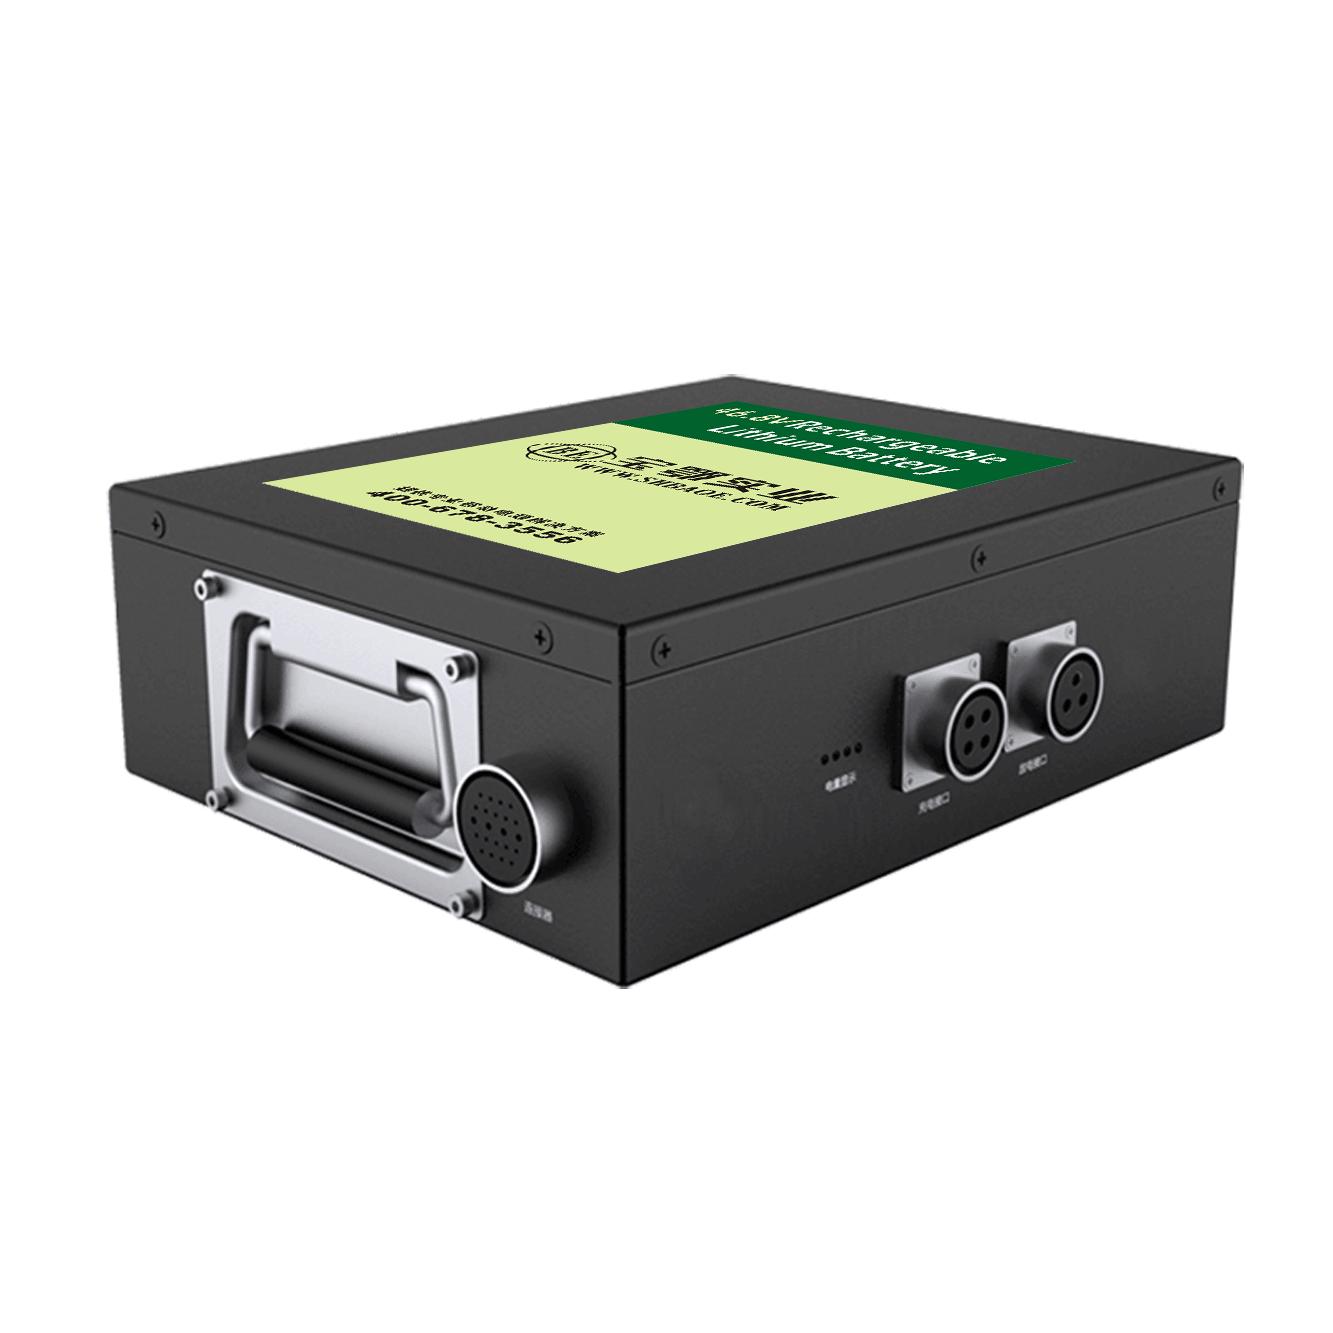 48V-50AH冷库仓储AGV特种电池 带加热功能,485通讯